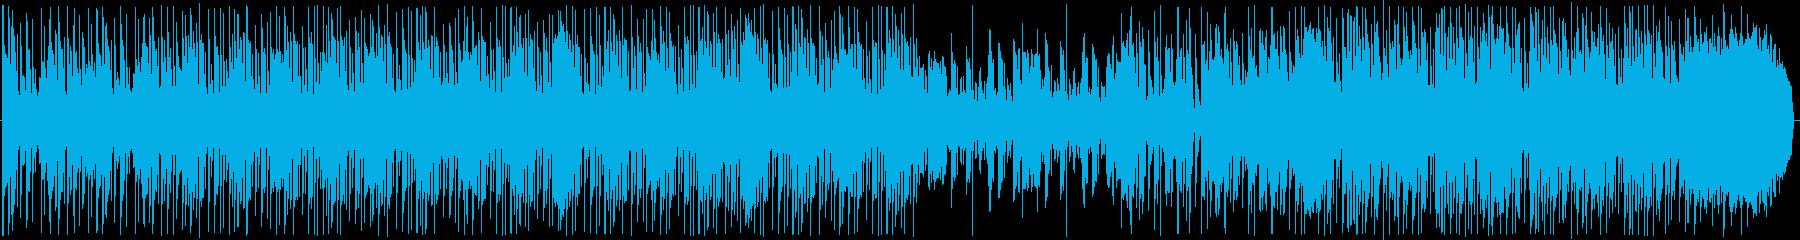 疾走感溢れるエレクトロの再生済みの波形